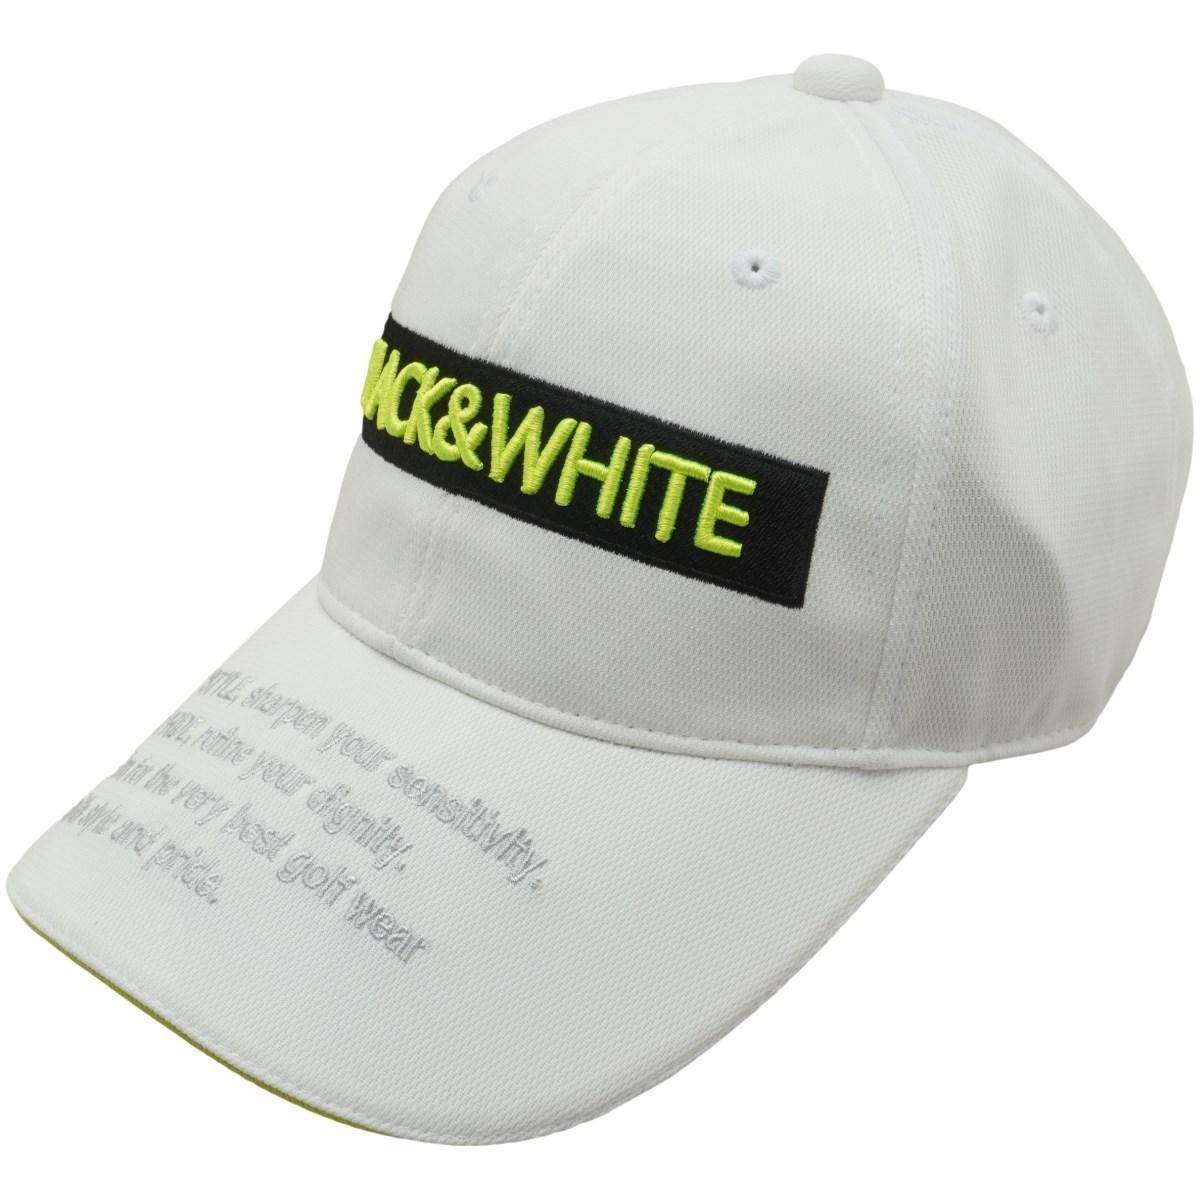 ブラック&ホワイト Black & White キャップ フリー ホワイト レディス